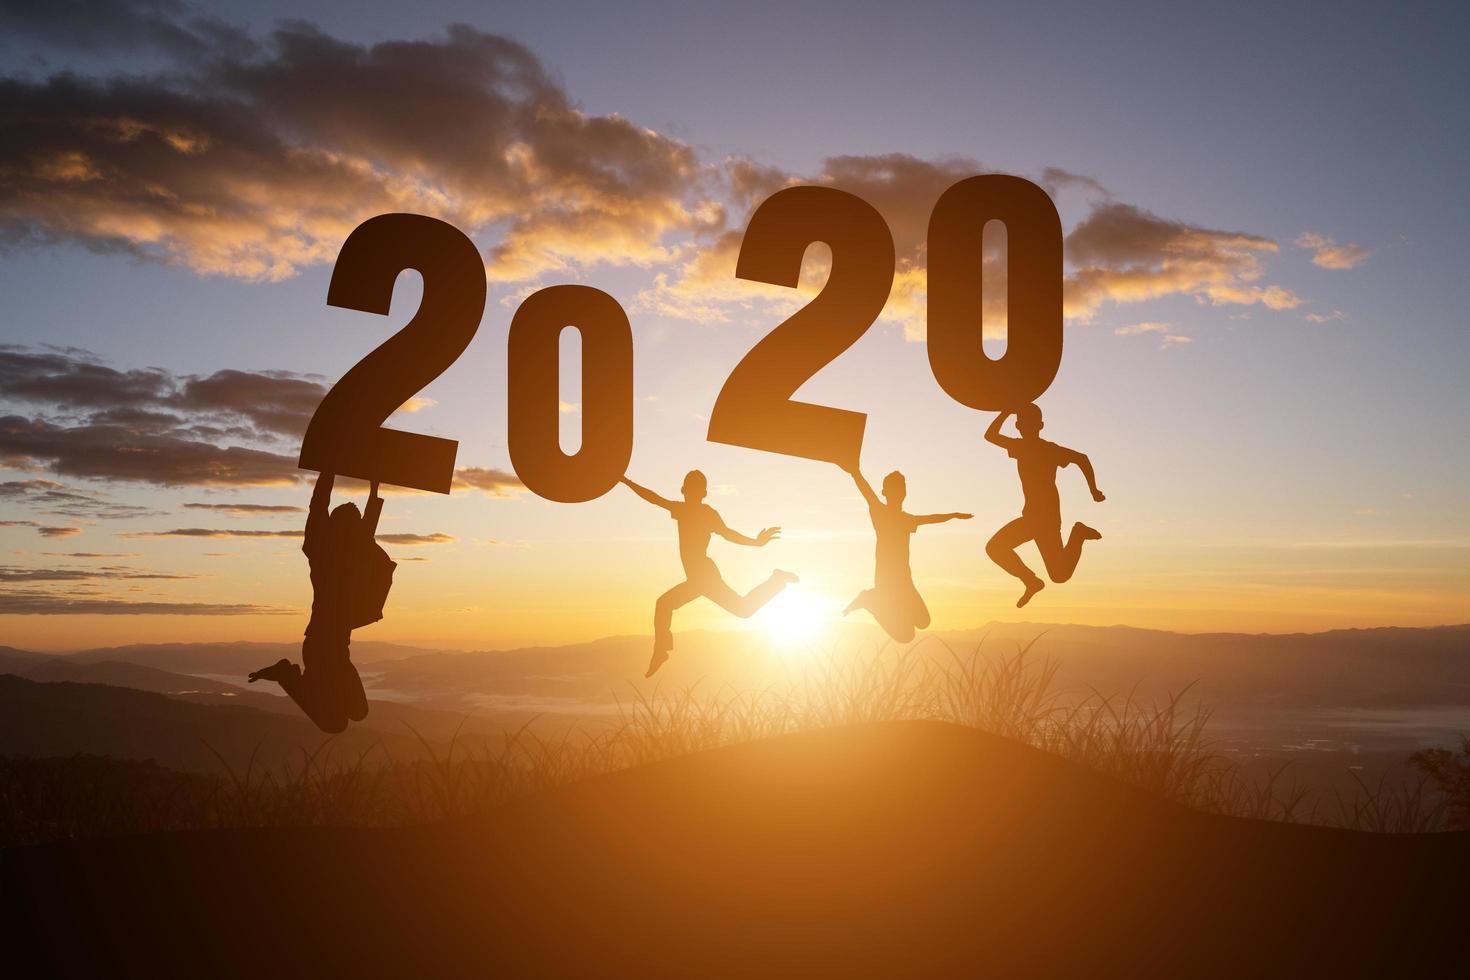 Silhouette der Nummer 2020 auf Sonnenuntergang Hintergrund foto